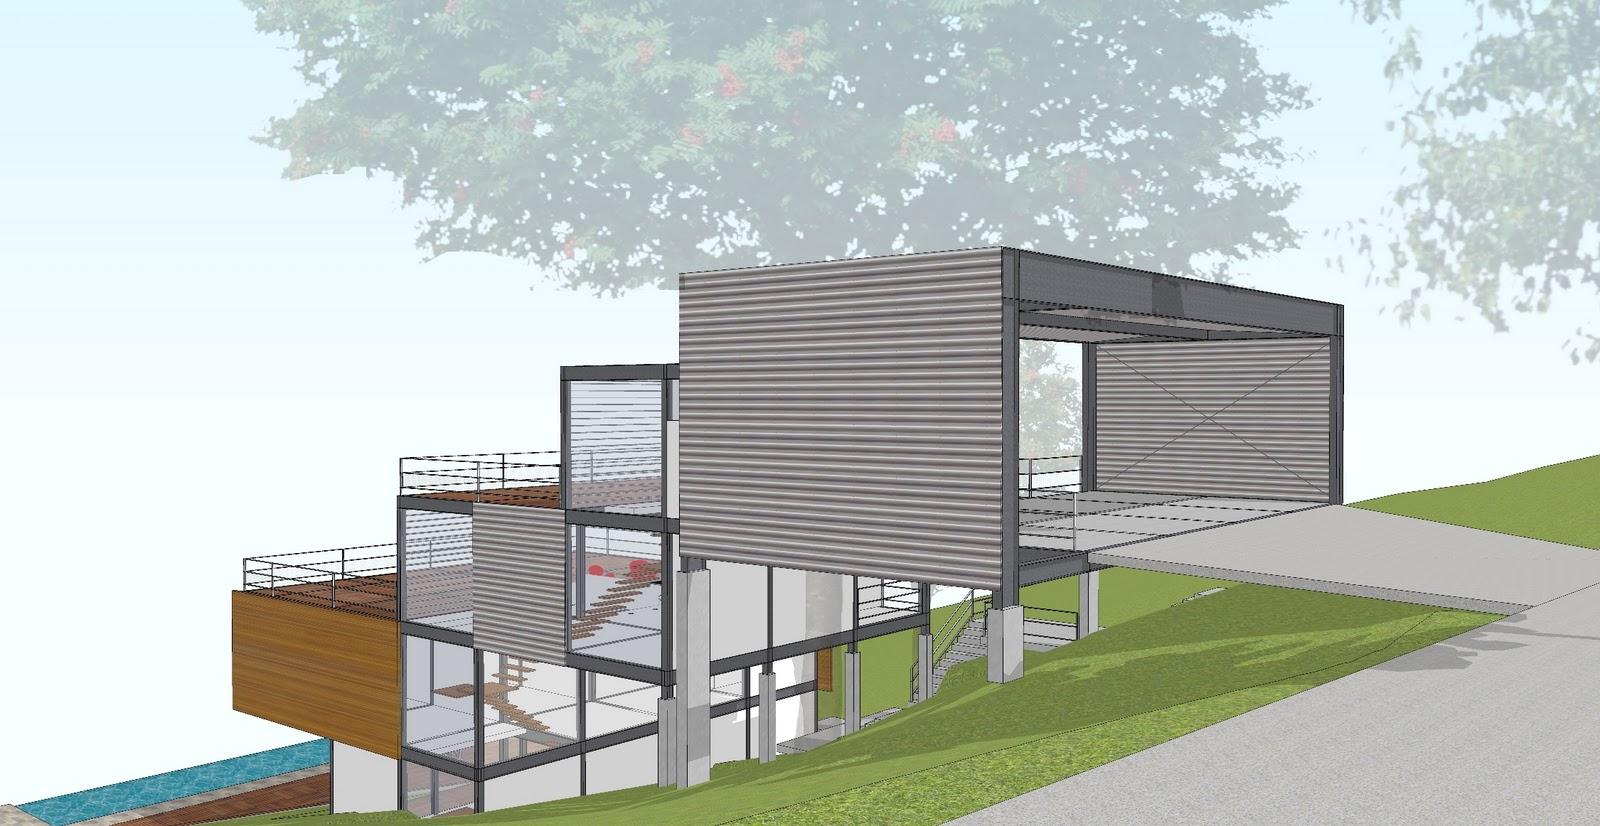 R2n arquitetura e urbanismo outubro 2011 - Casa con terreno ...